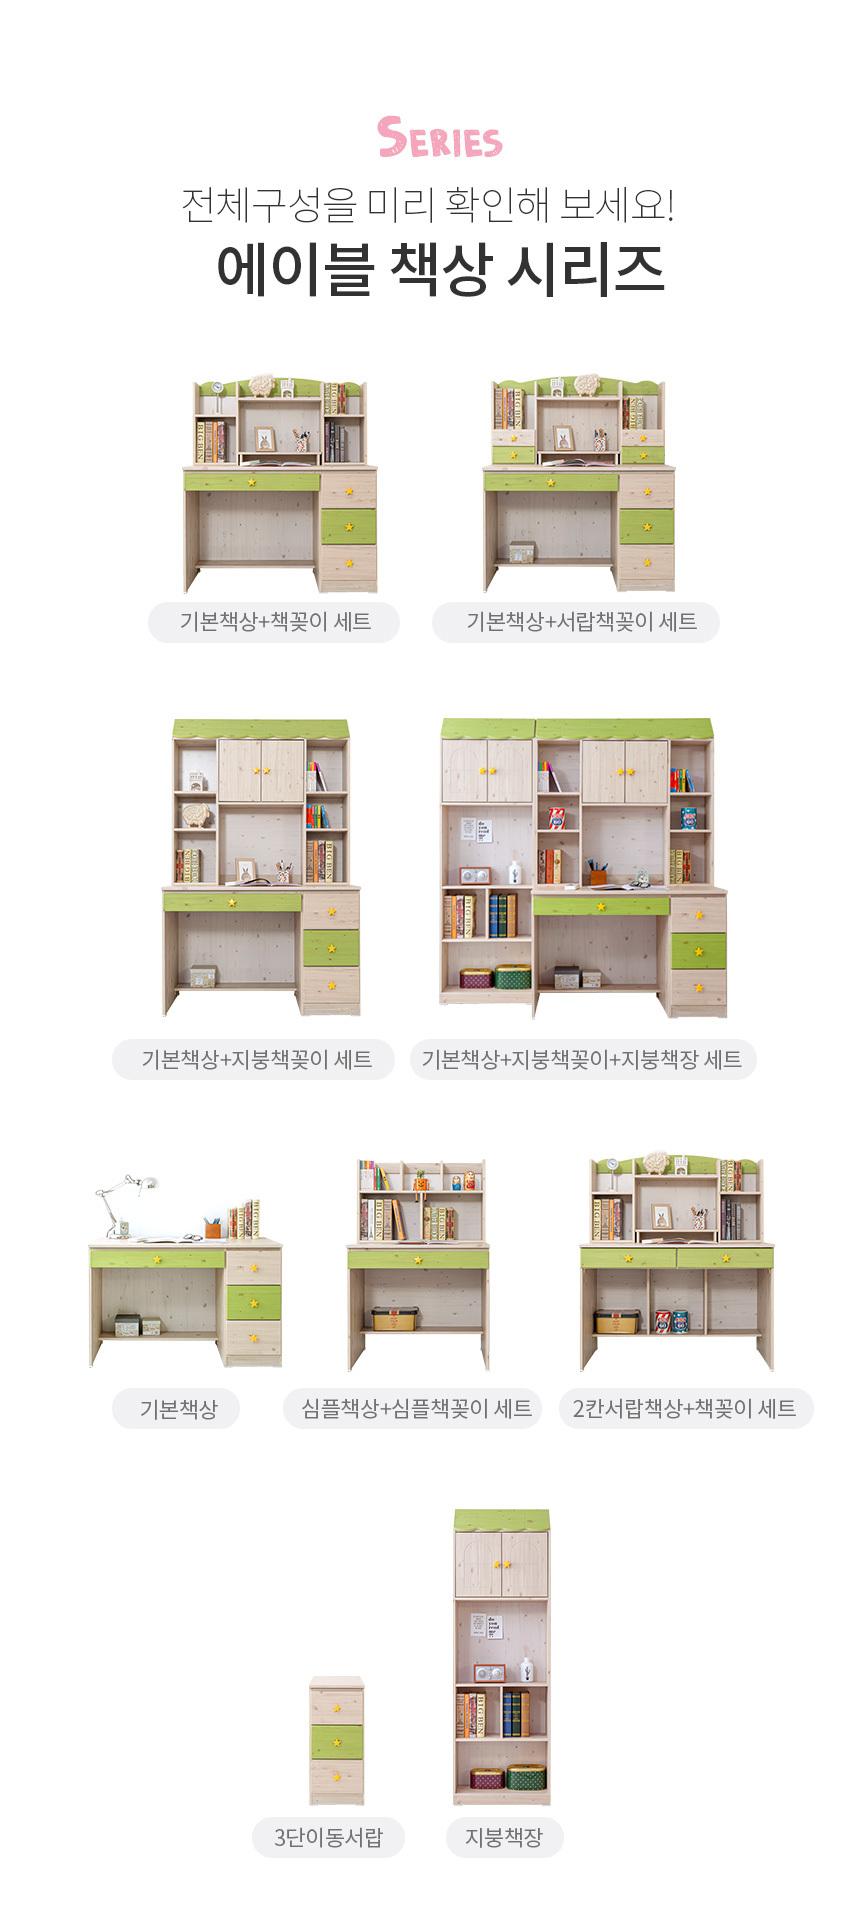 에이블 초등 기본책상+책꽂이 세트 - 유오에스, 260,800원, 책상/의자, 일반 책상